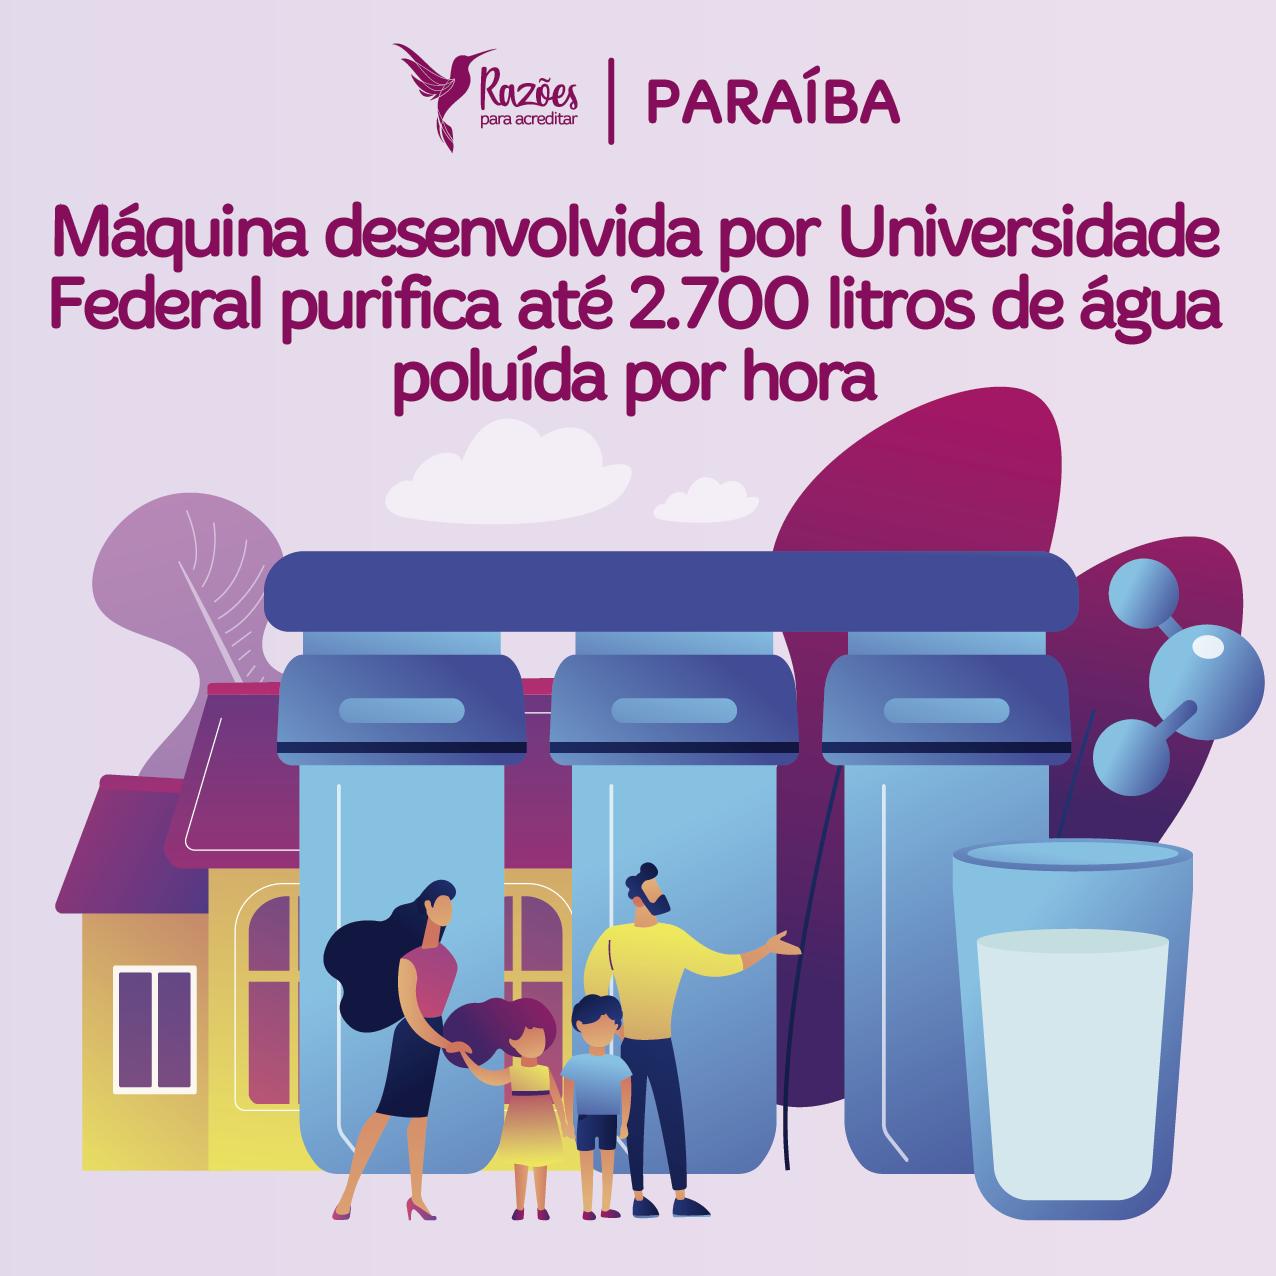 boas notícias ilustrações razões para acreditar Paraíba